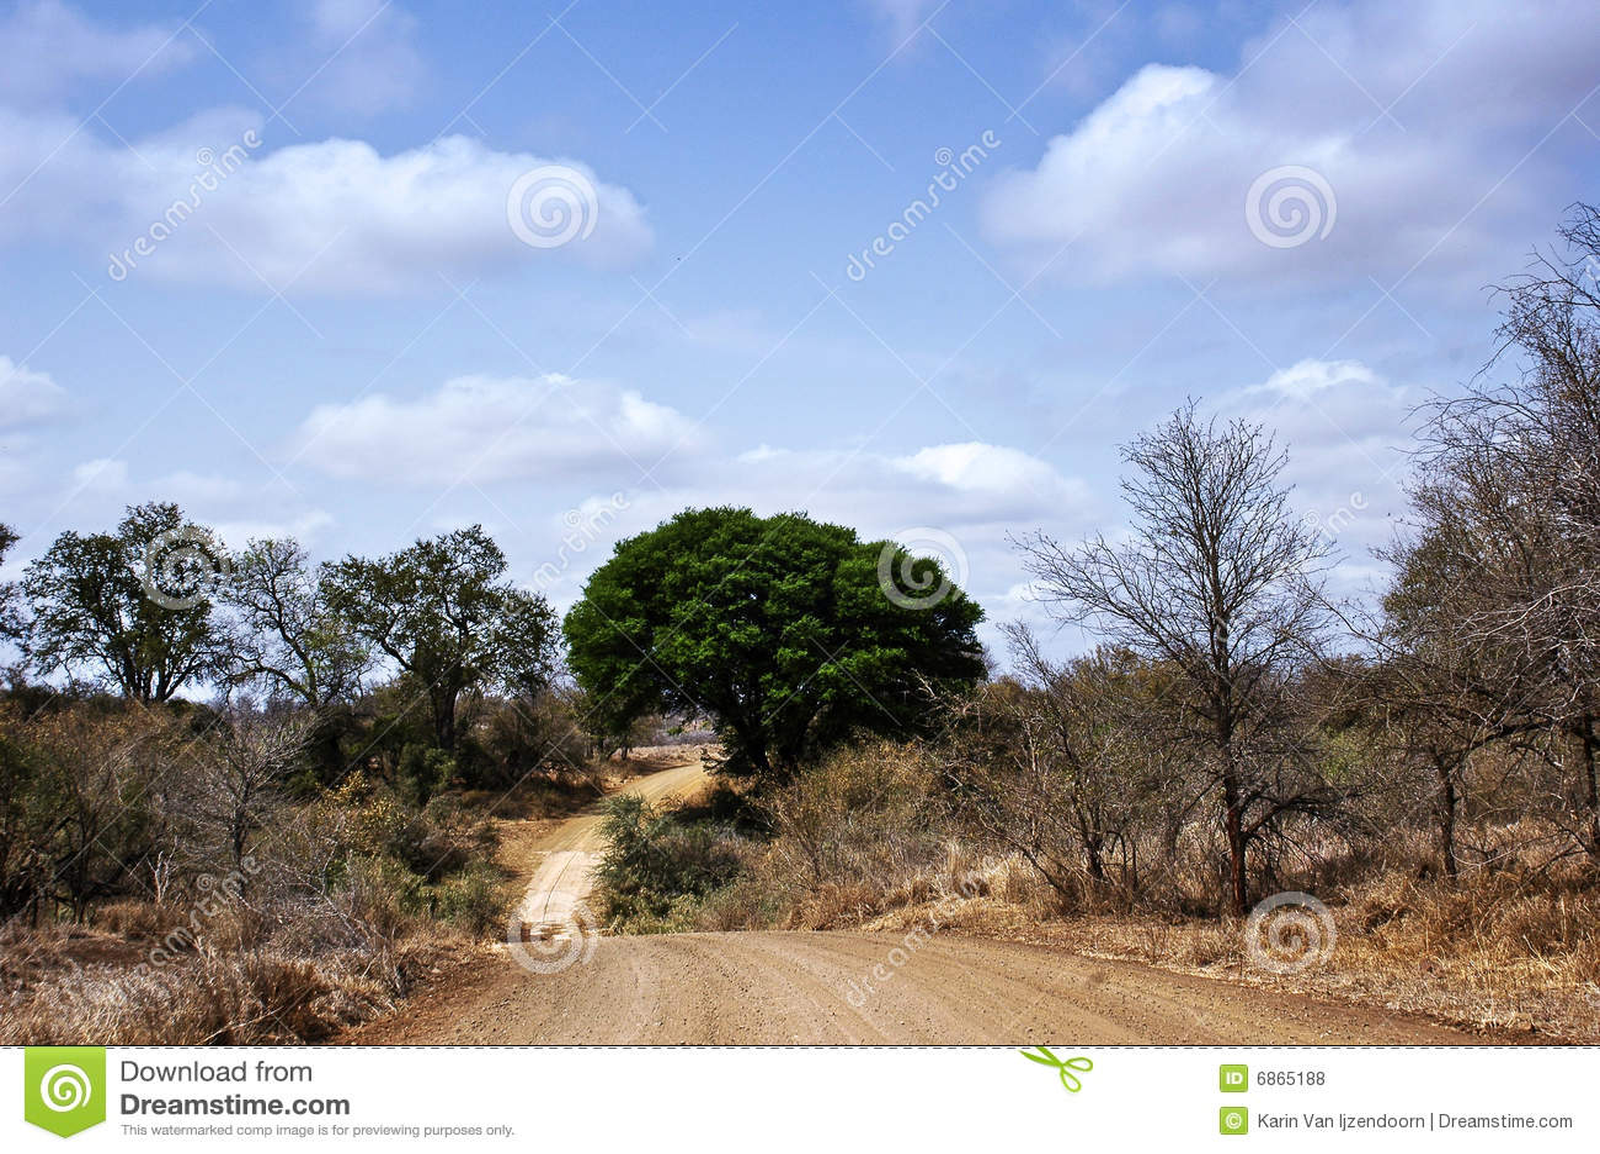 африканская дорога bush